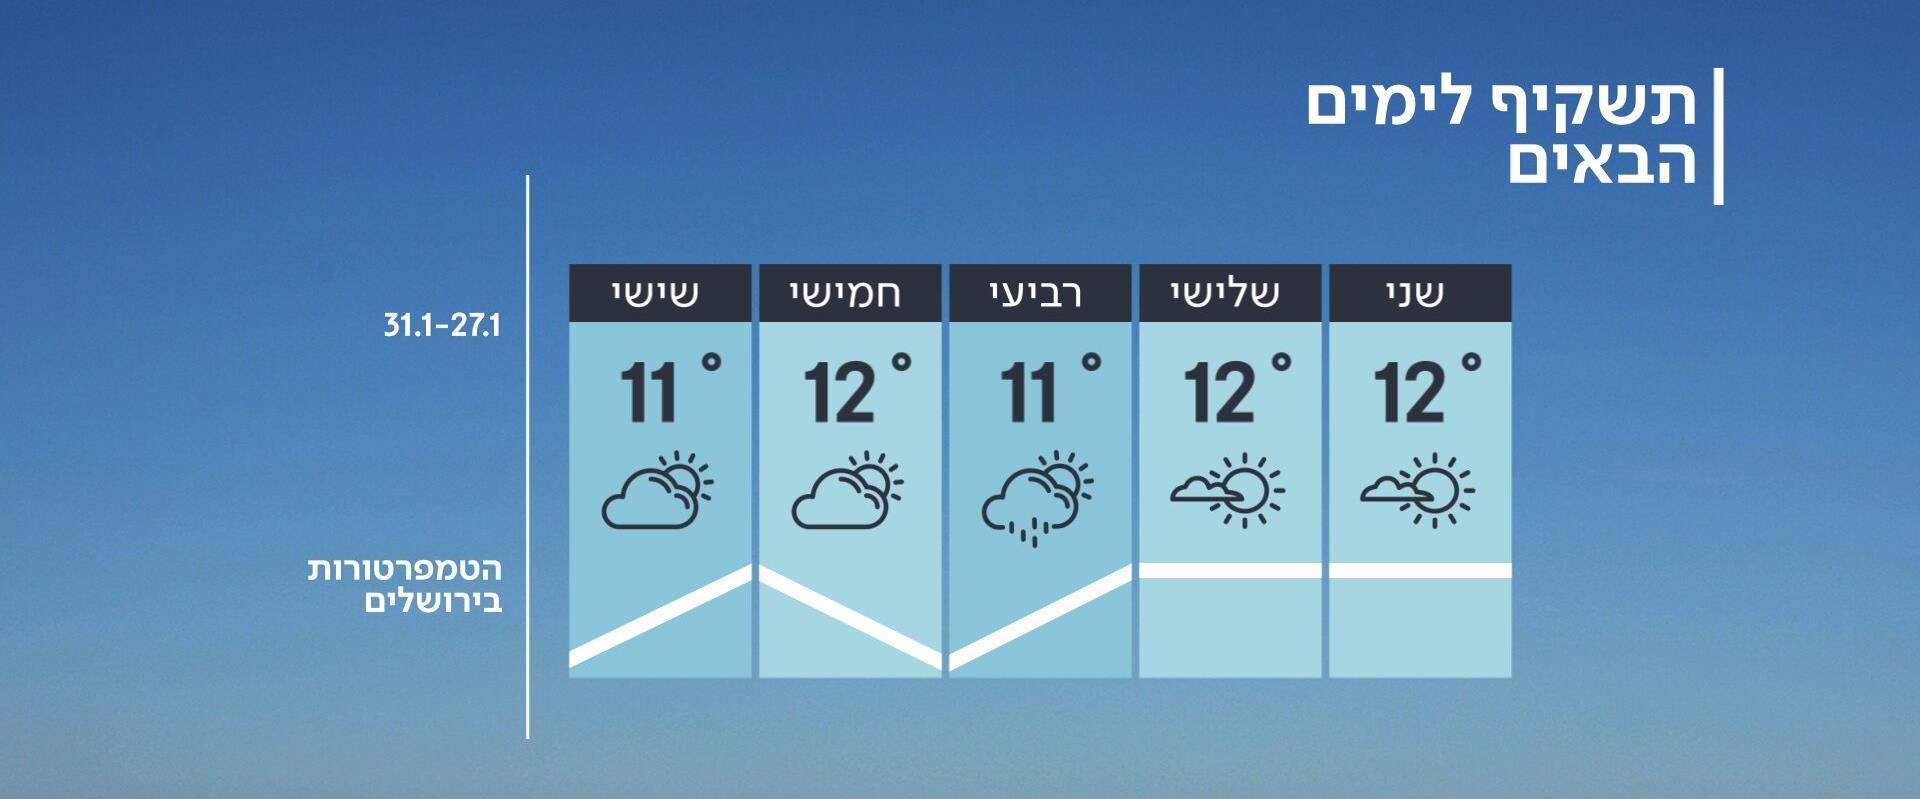 התחזית 26.01.20: בדרך להתחממות, אבל הלילה עדיין קר